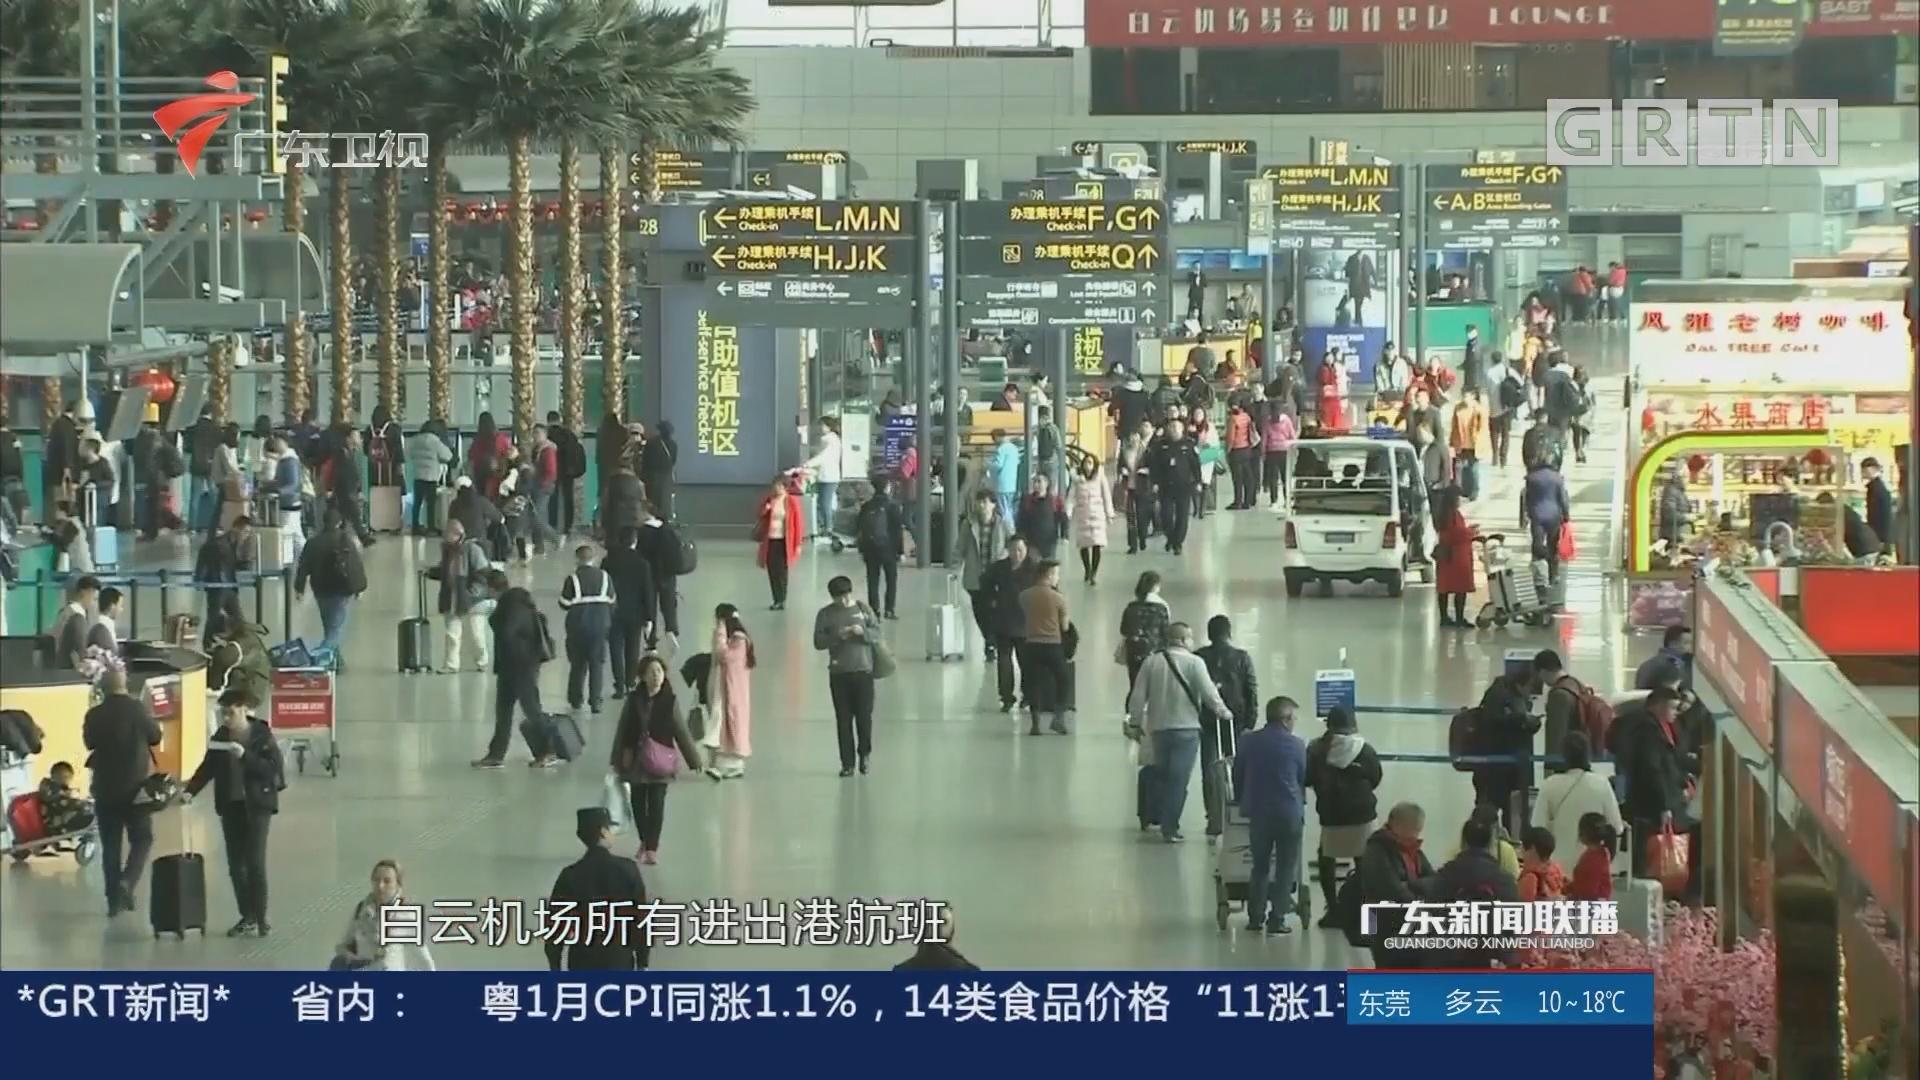 广东:多措并举确保旅客顺利回家